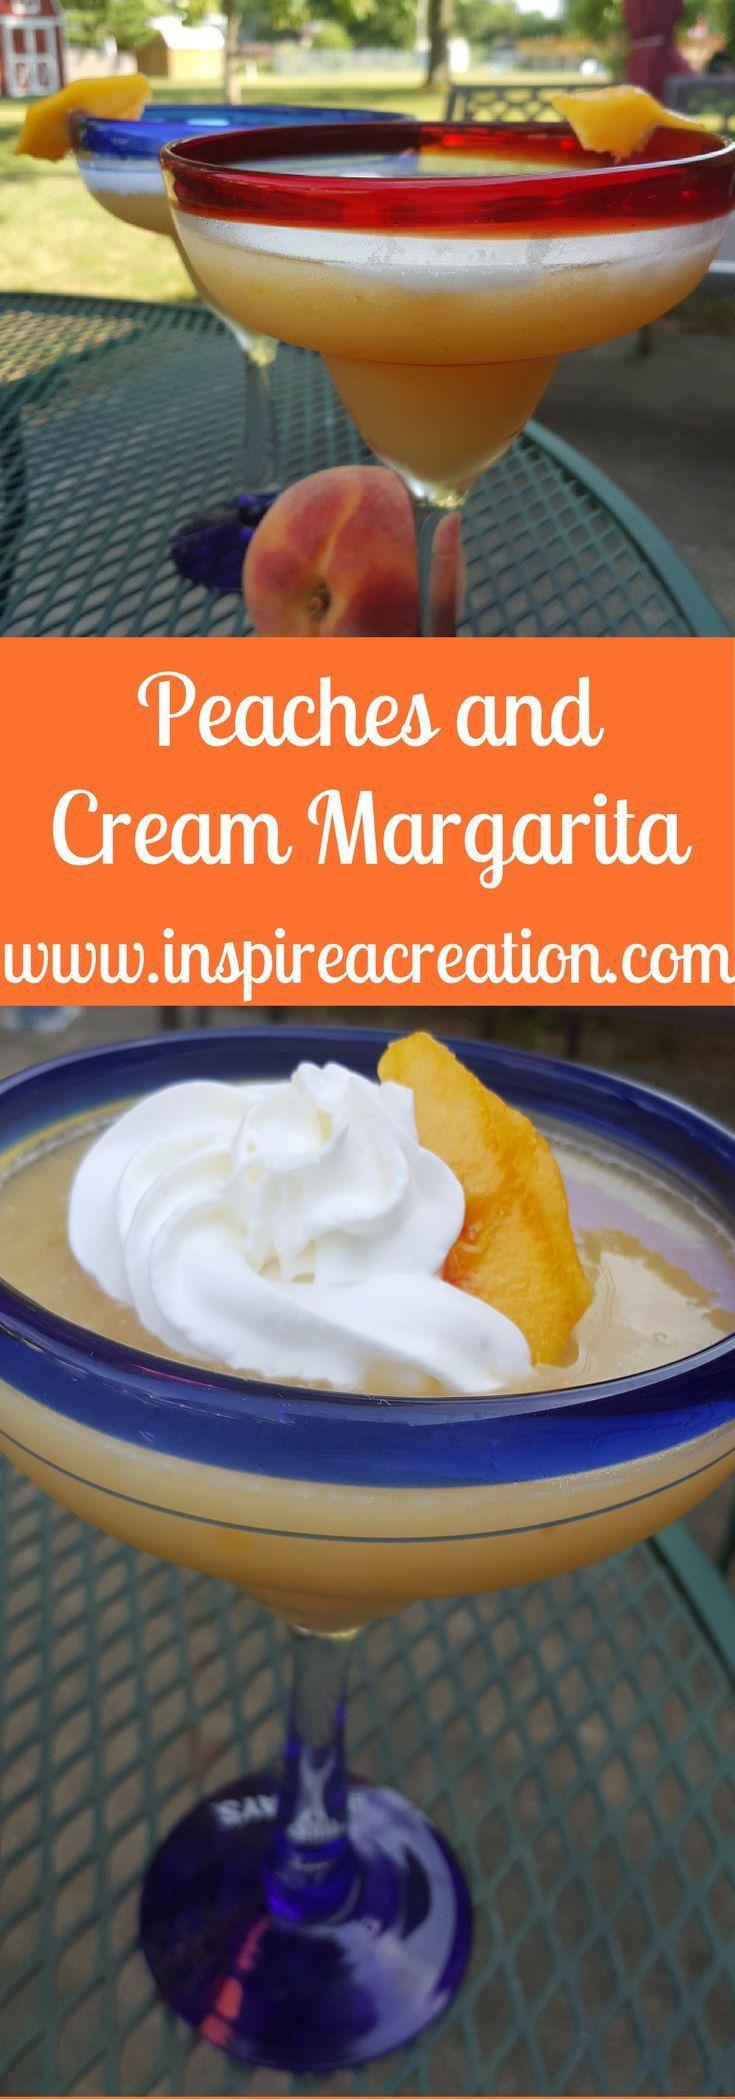 Peaches and Cream Margarita